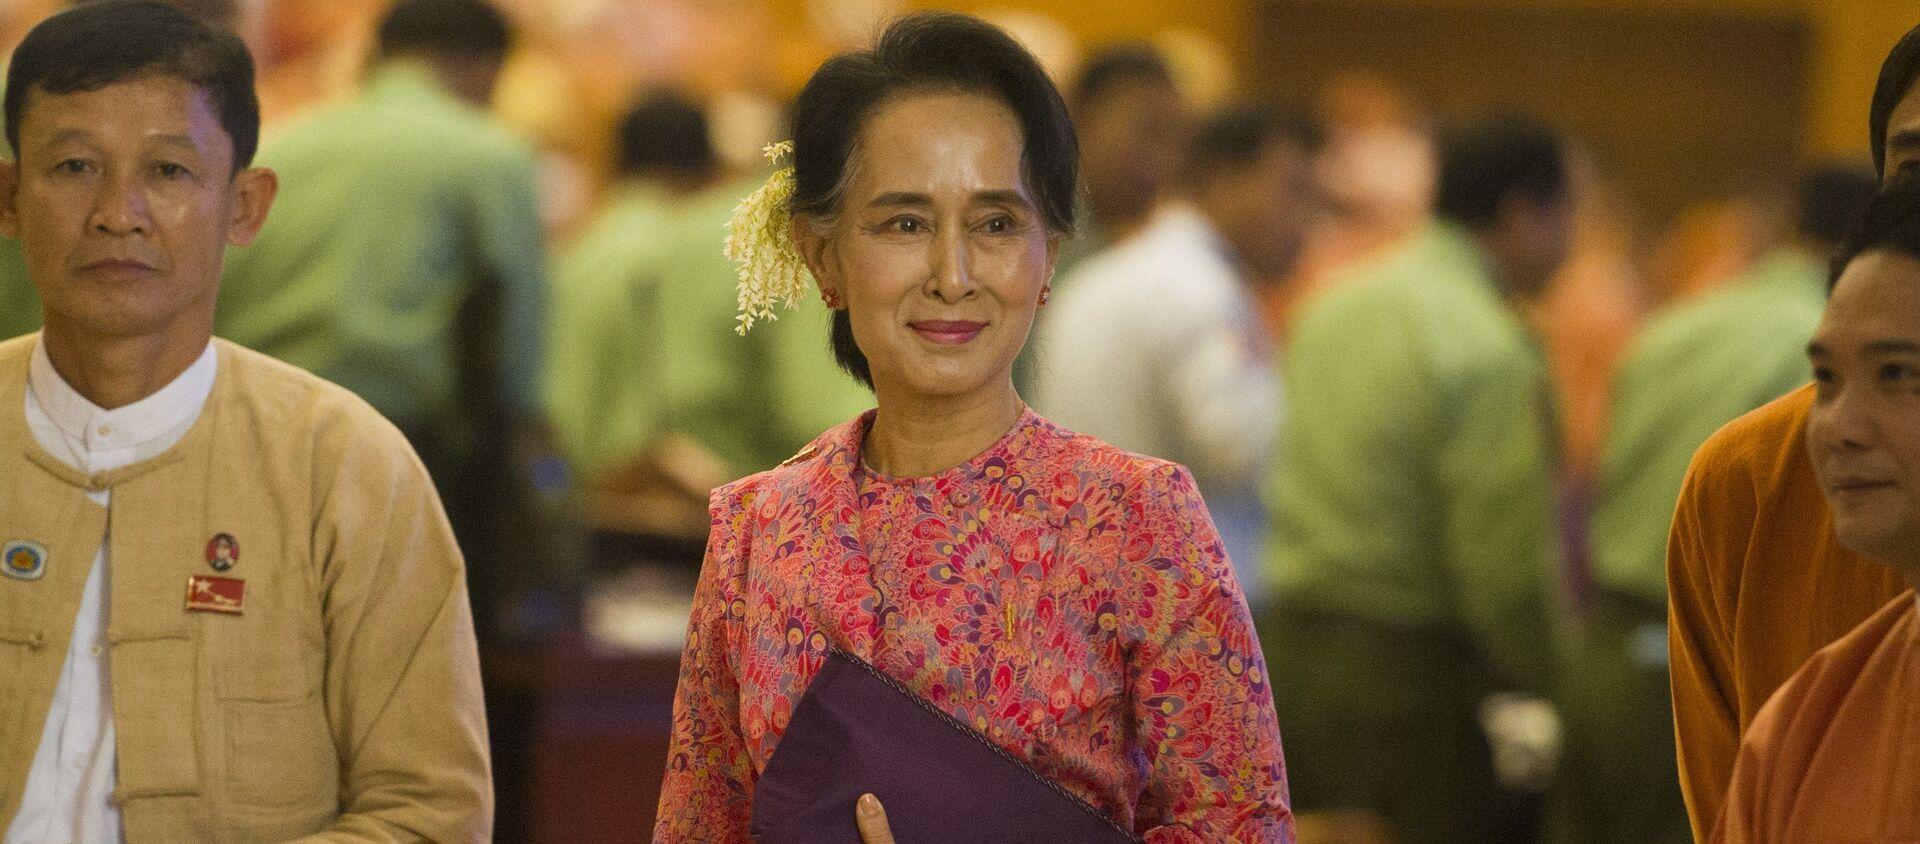 Cựu cố vấn nhà nước của Myanmar, người đoạt giải Nobel Aung San Suu Kyi. - Sputnik Việt Nam, 1920, 01.04.2021